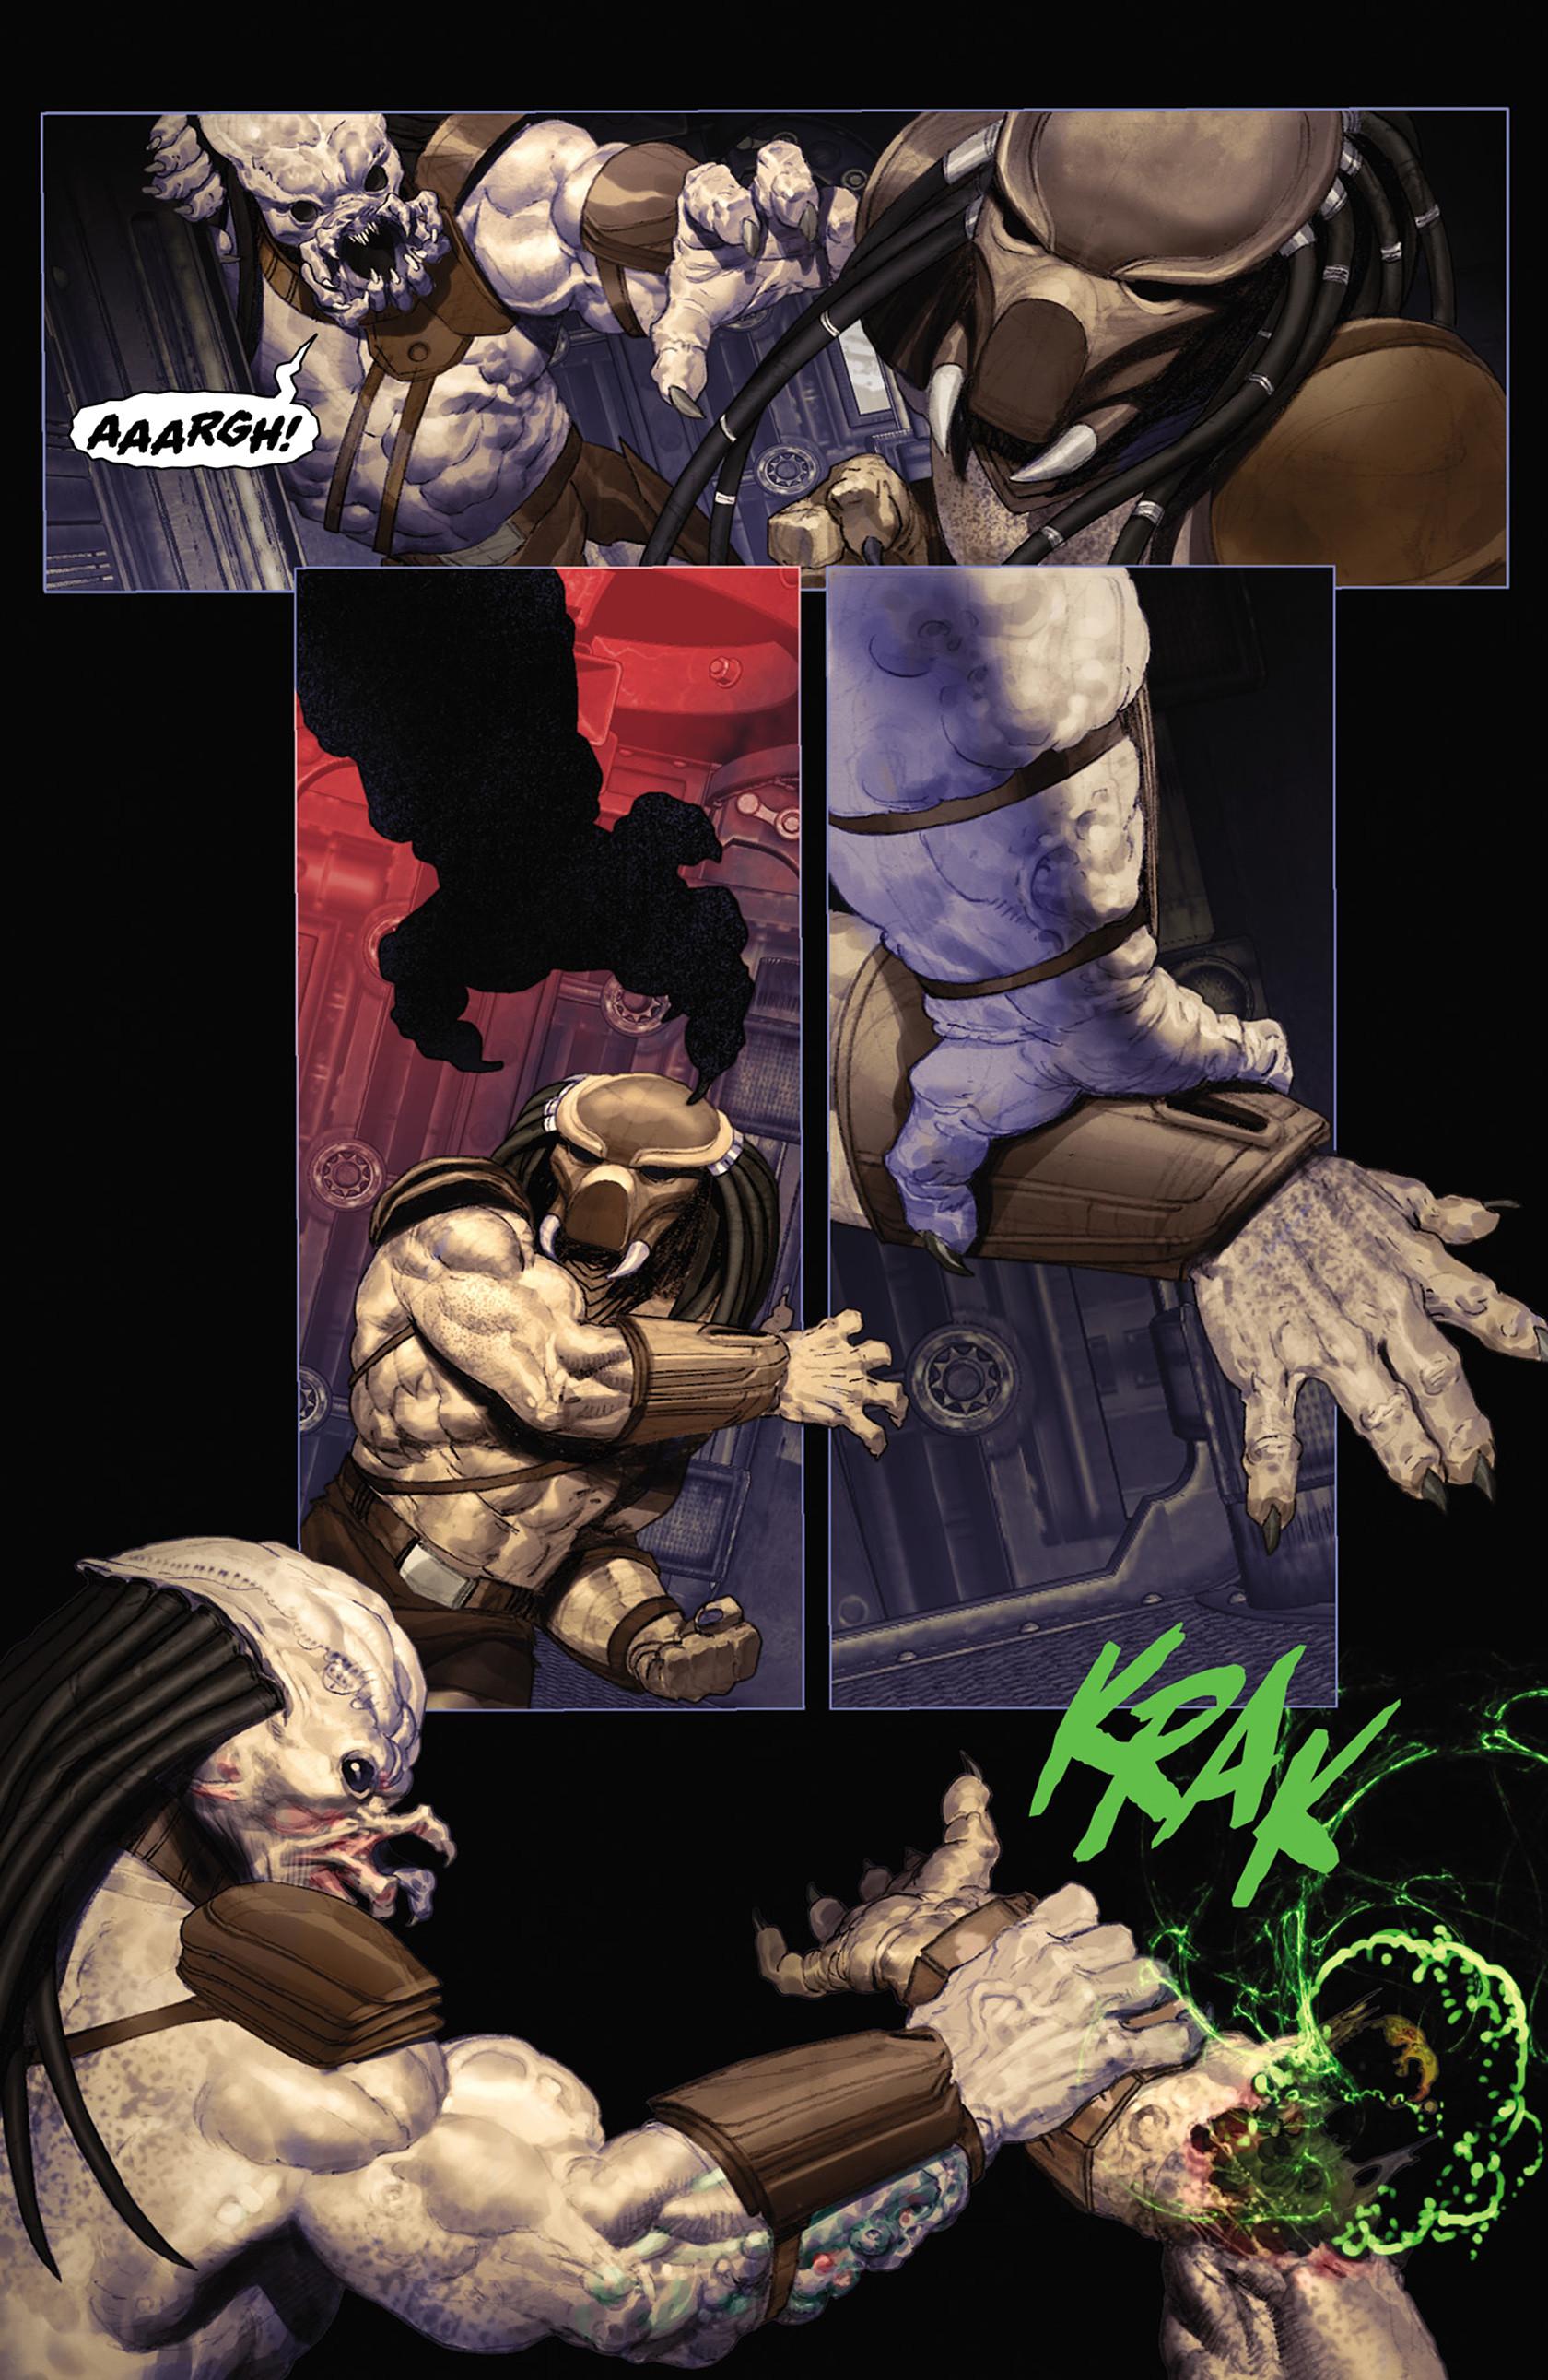 Read online Alien vs. Predator: Fire and Stone comic -  Issue #2 - 18